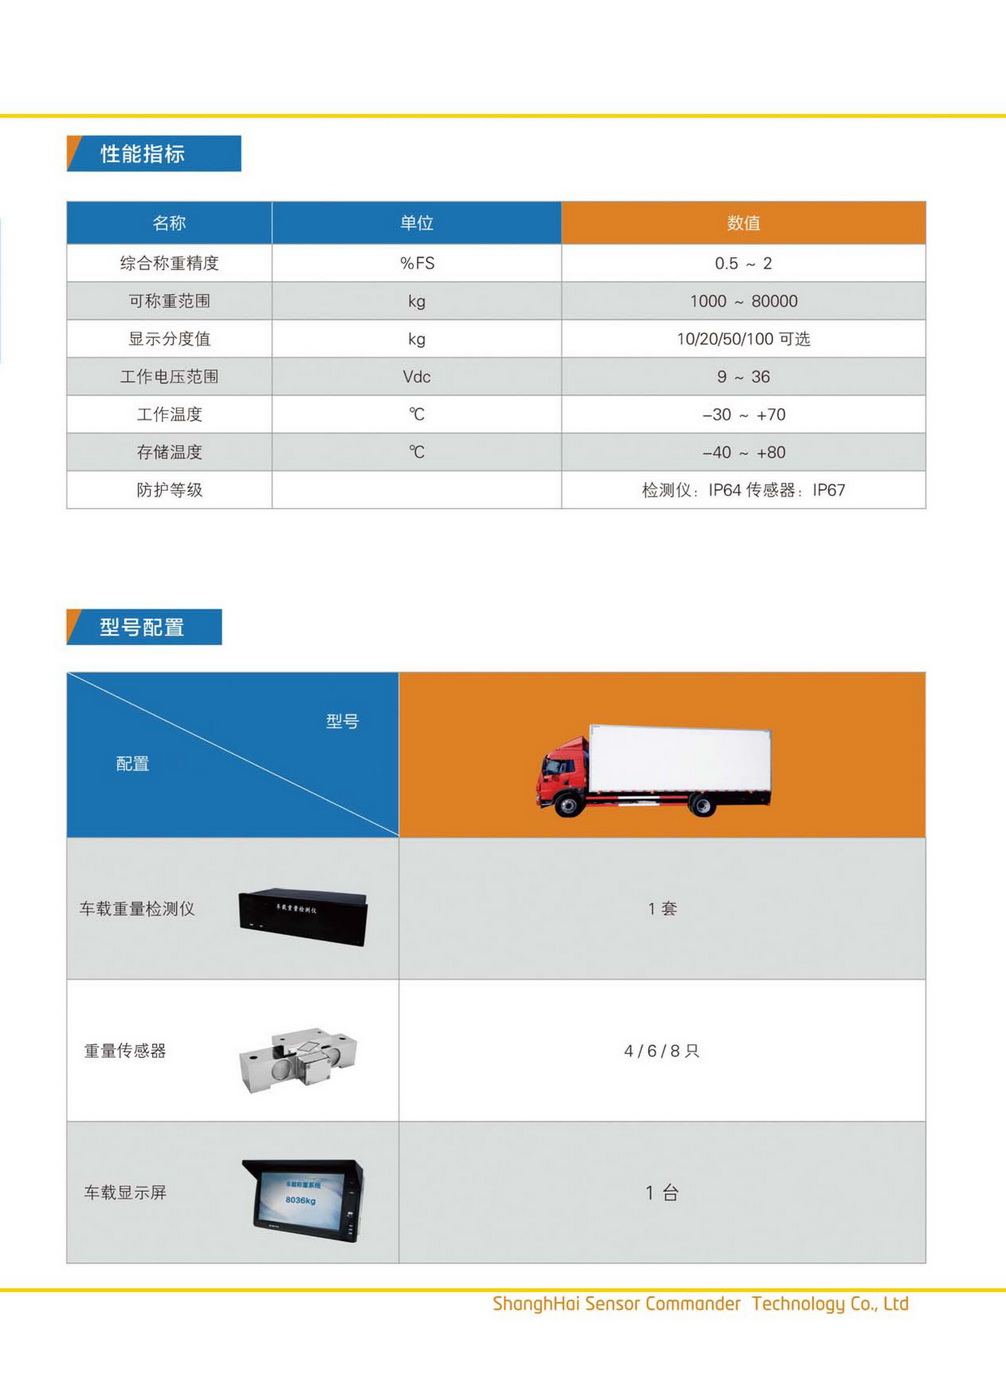 尚测科技产品选型手册 V1.3_页面_80_调整大小.jpg